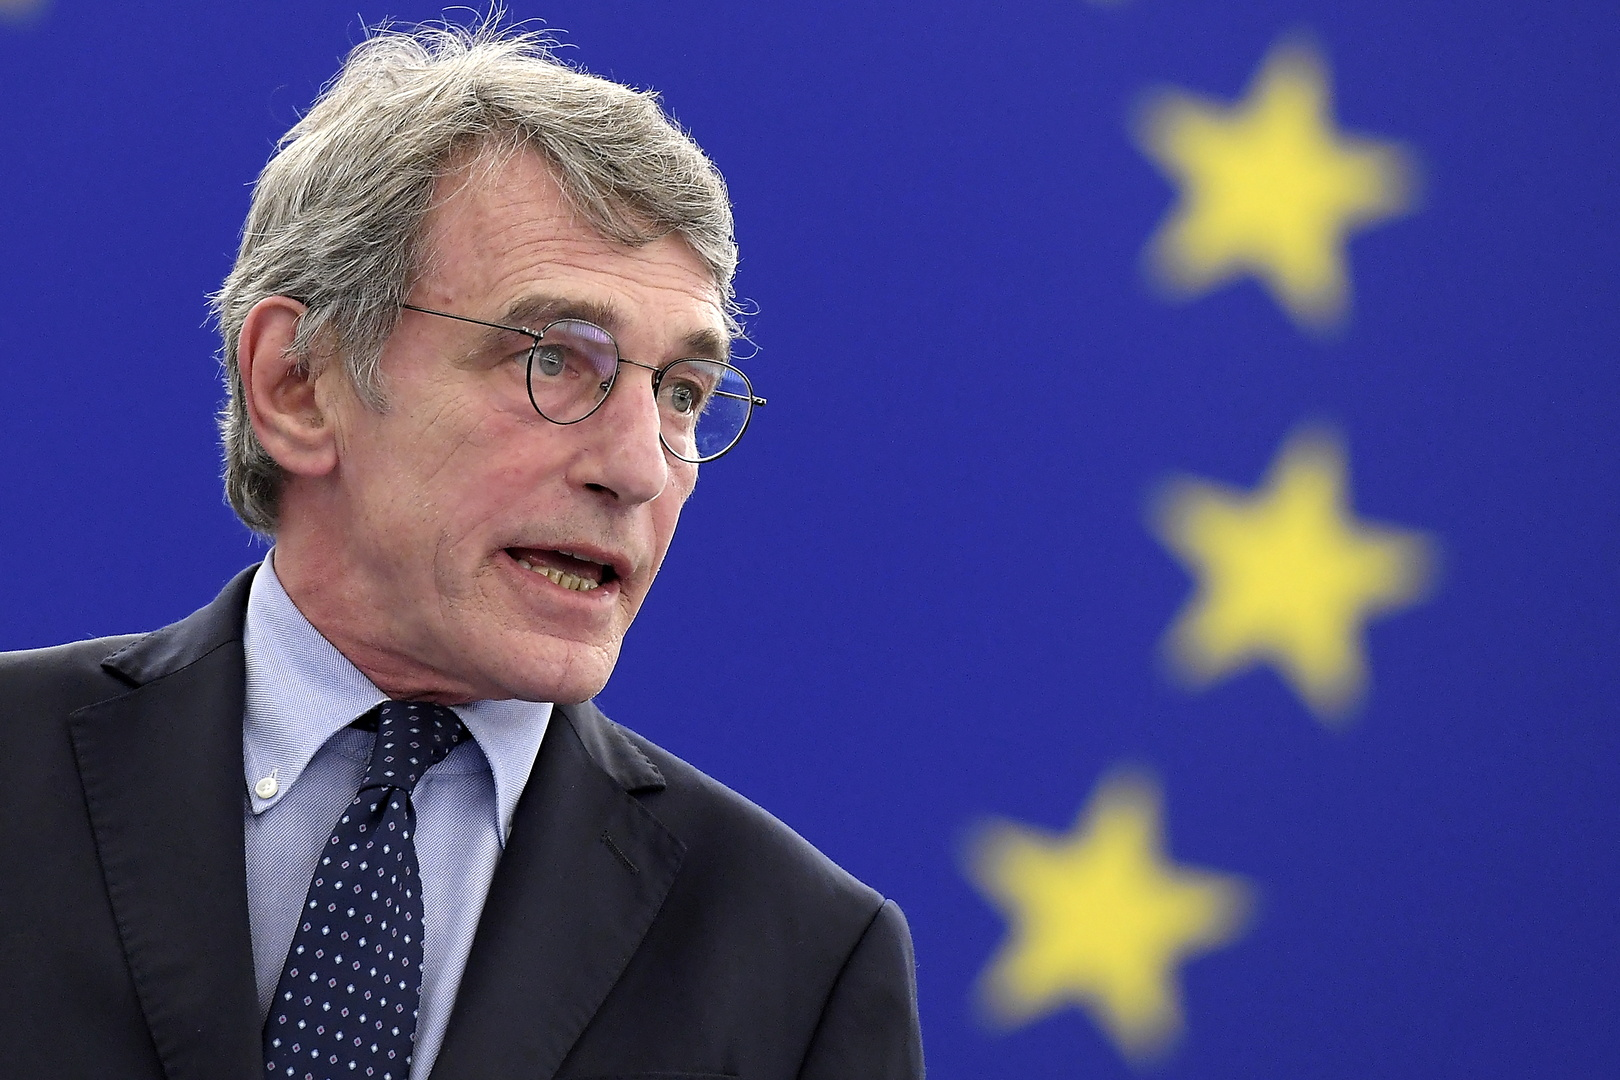 رئيس البرلمان الأوروبي لا يستبعد حوارا مع طالبان بشأن ممرات إنسانية